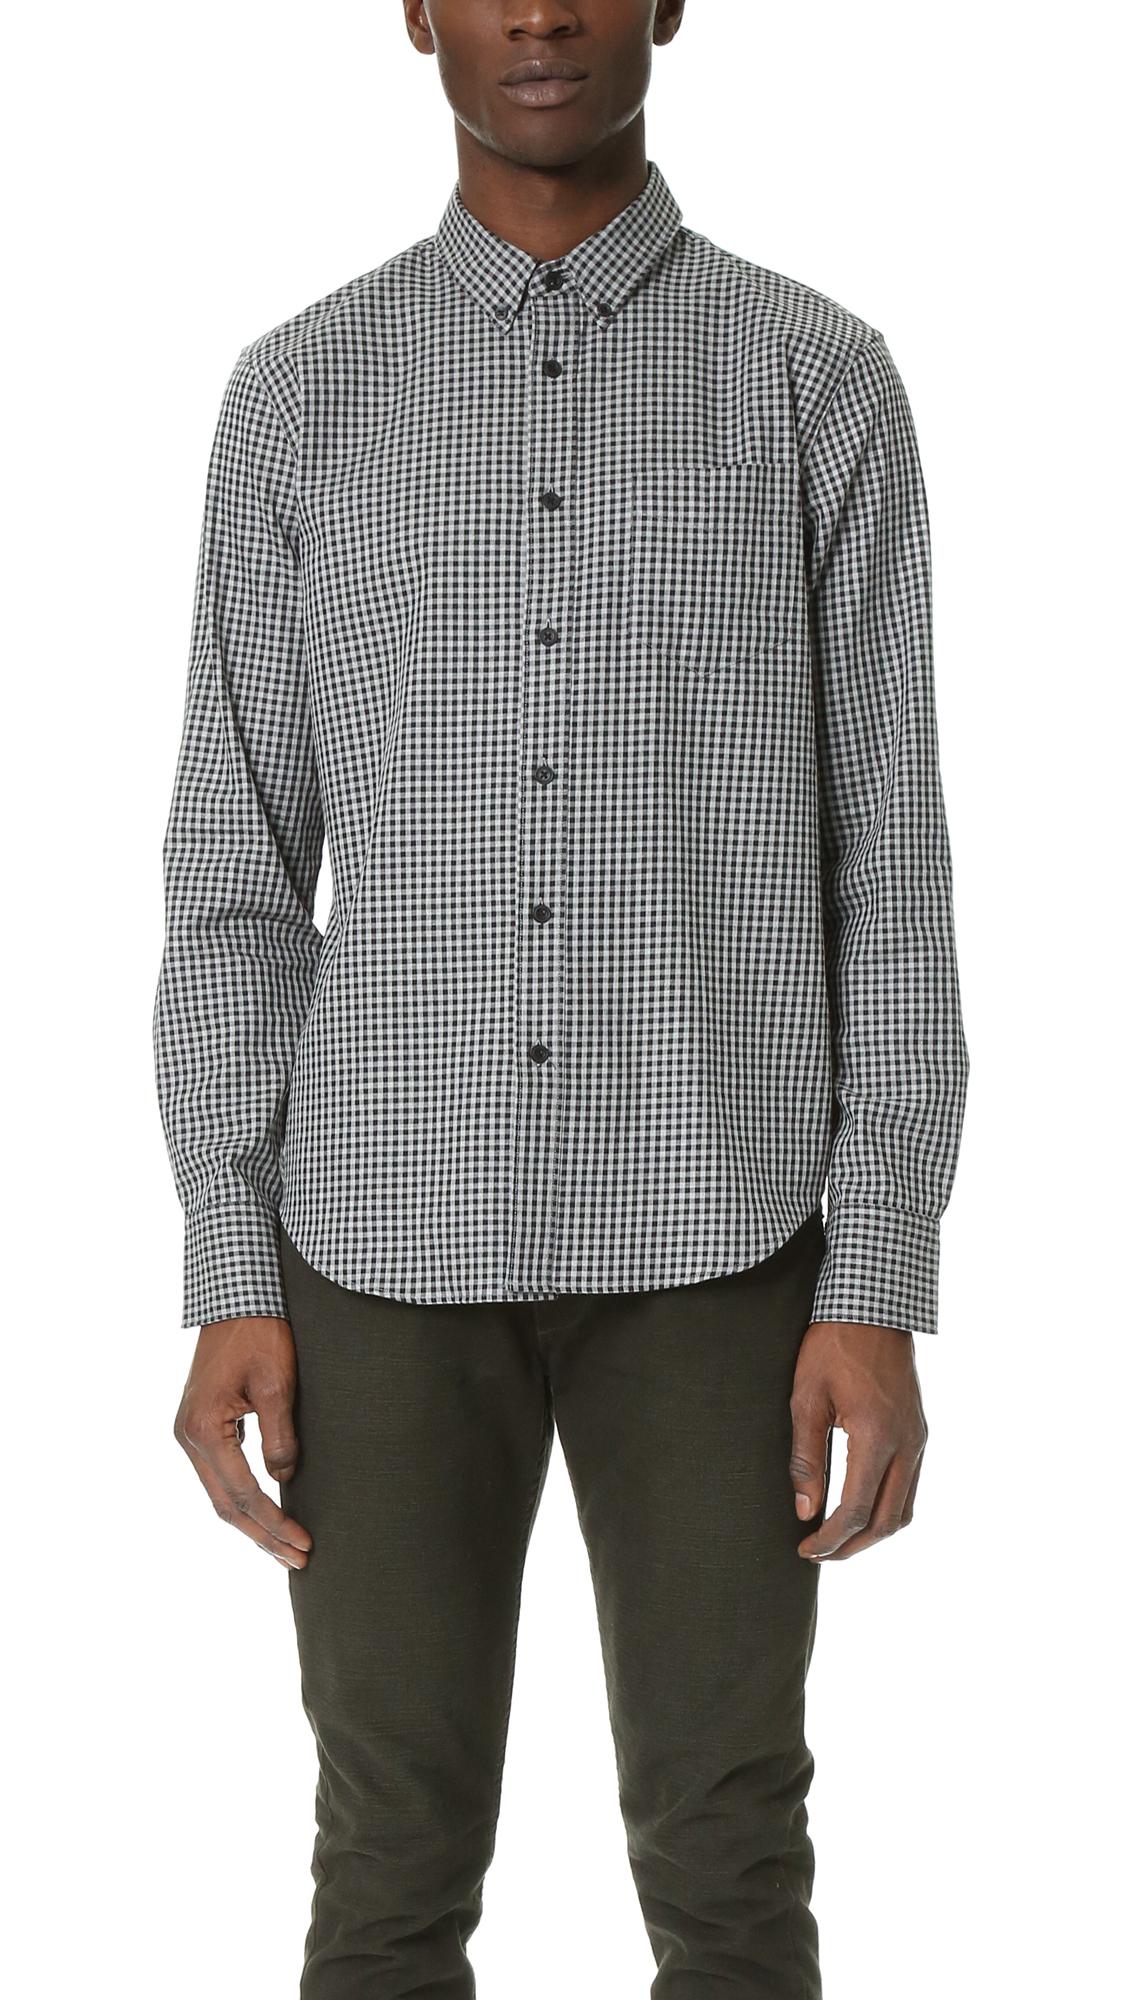 Rag bone yokohama shirt in gray for men lyst for Rag bone shirt